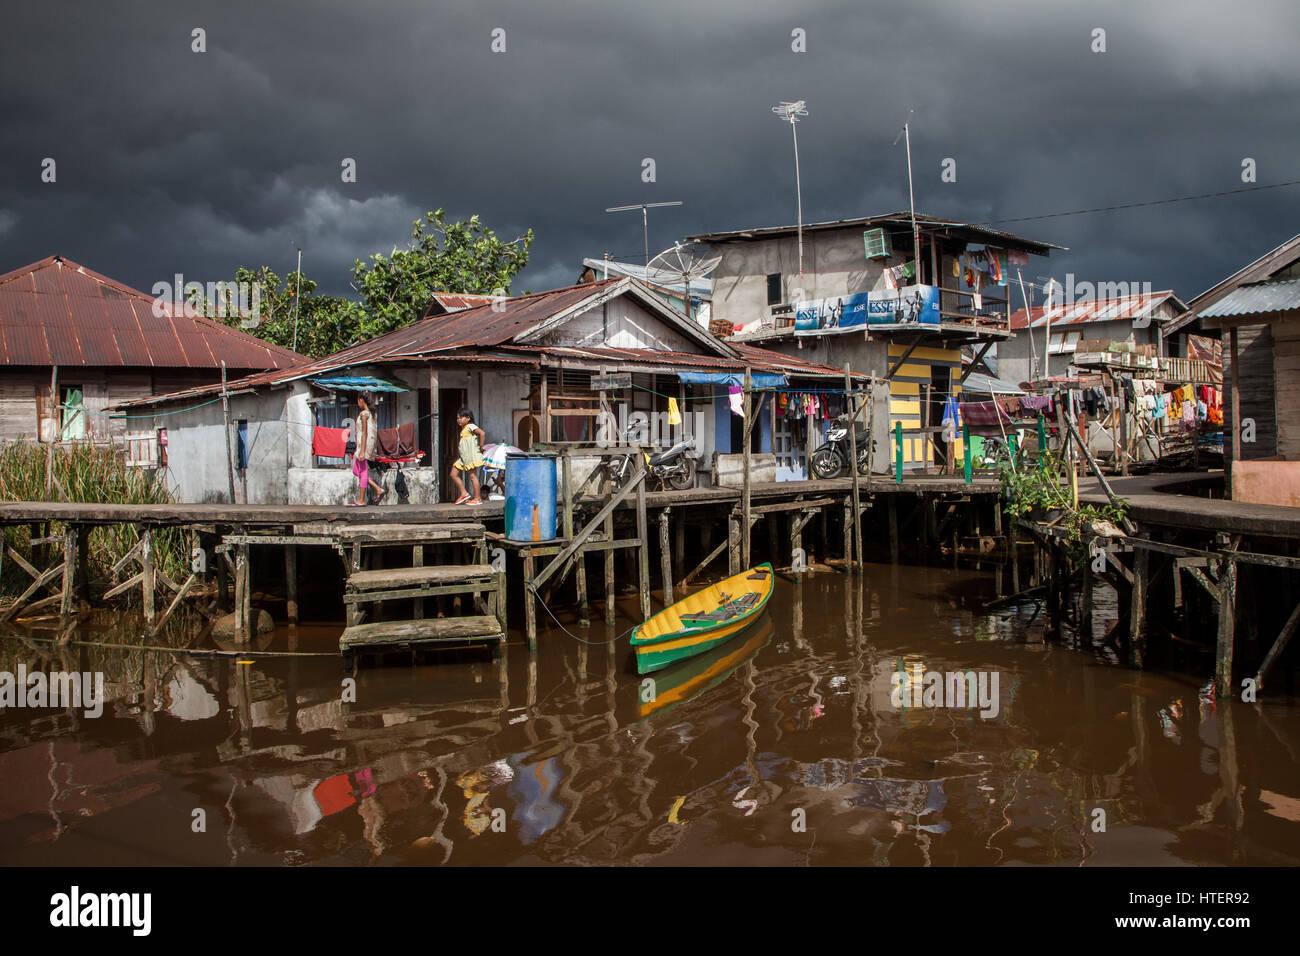 Des maisons sur pilotis au village flottant à côté de la puissante rivière Kapuas où la Photo Stock